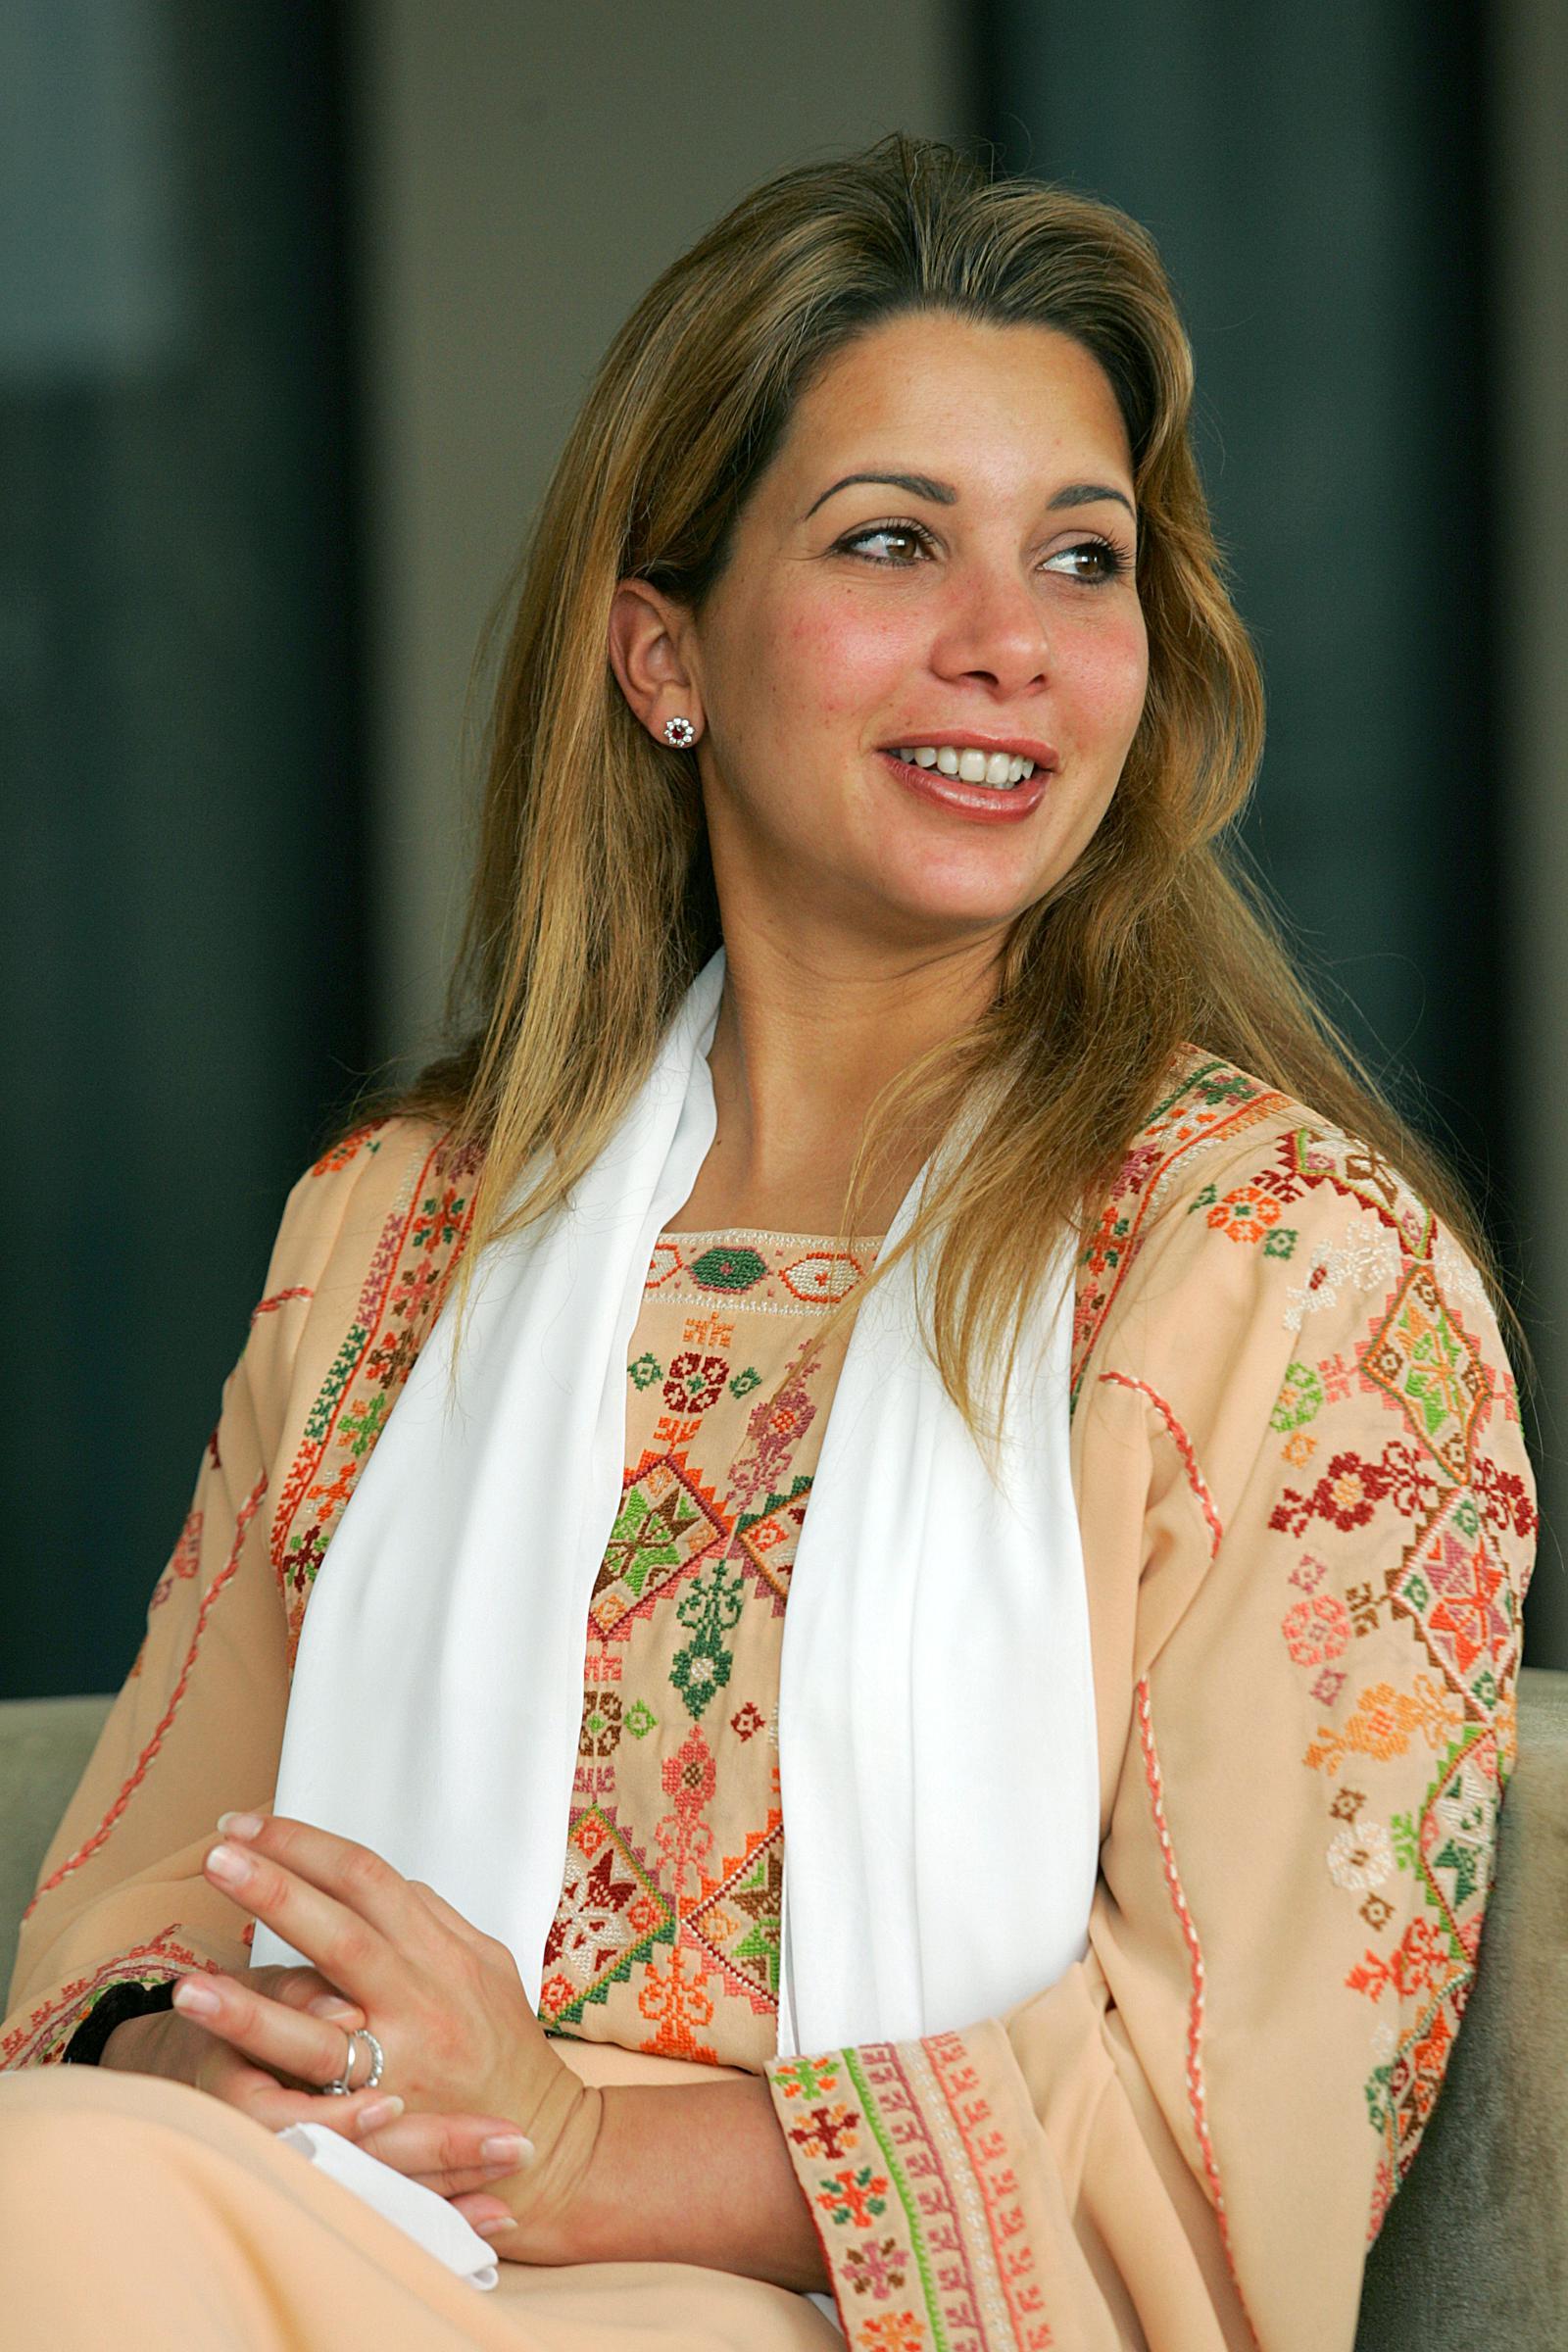 Haya es la sexta esposa del jeque de Dubái, Mohamed bin Rashid Al Maktoum, pero su linaje viene a través de su padre, el rey Hussein de Jordania. (Archivo)